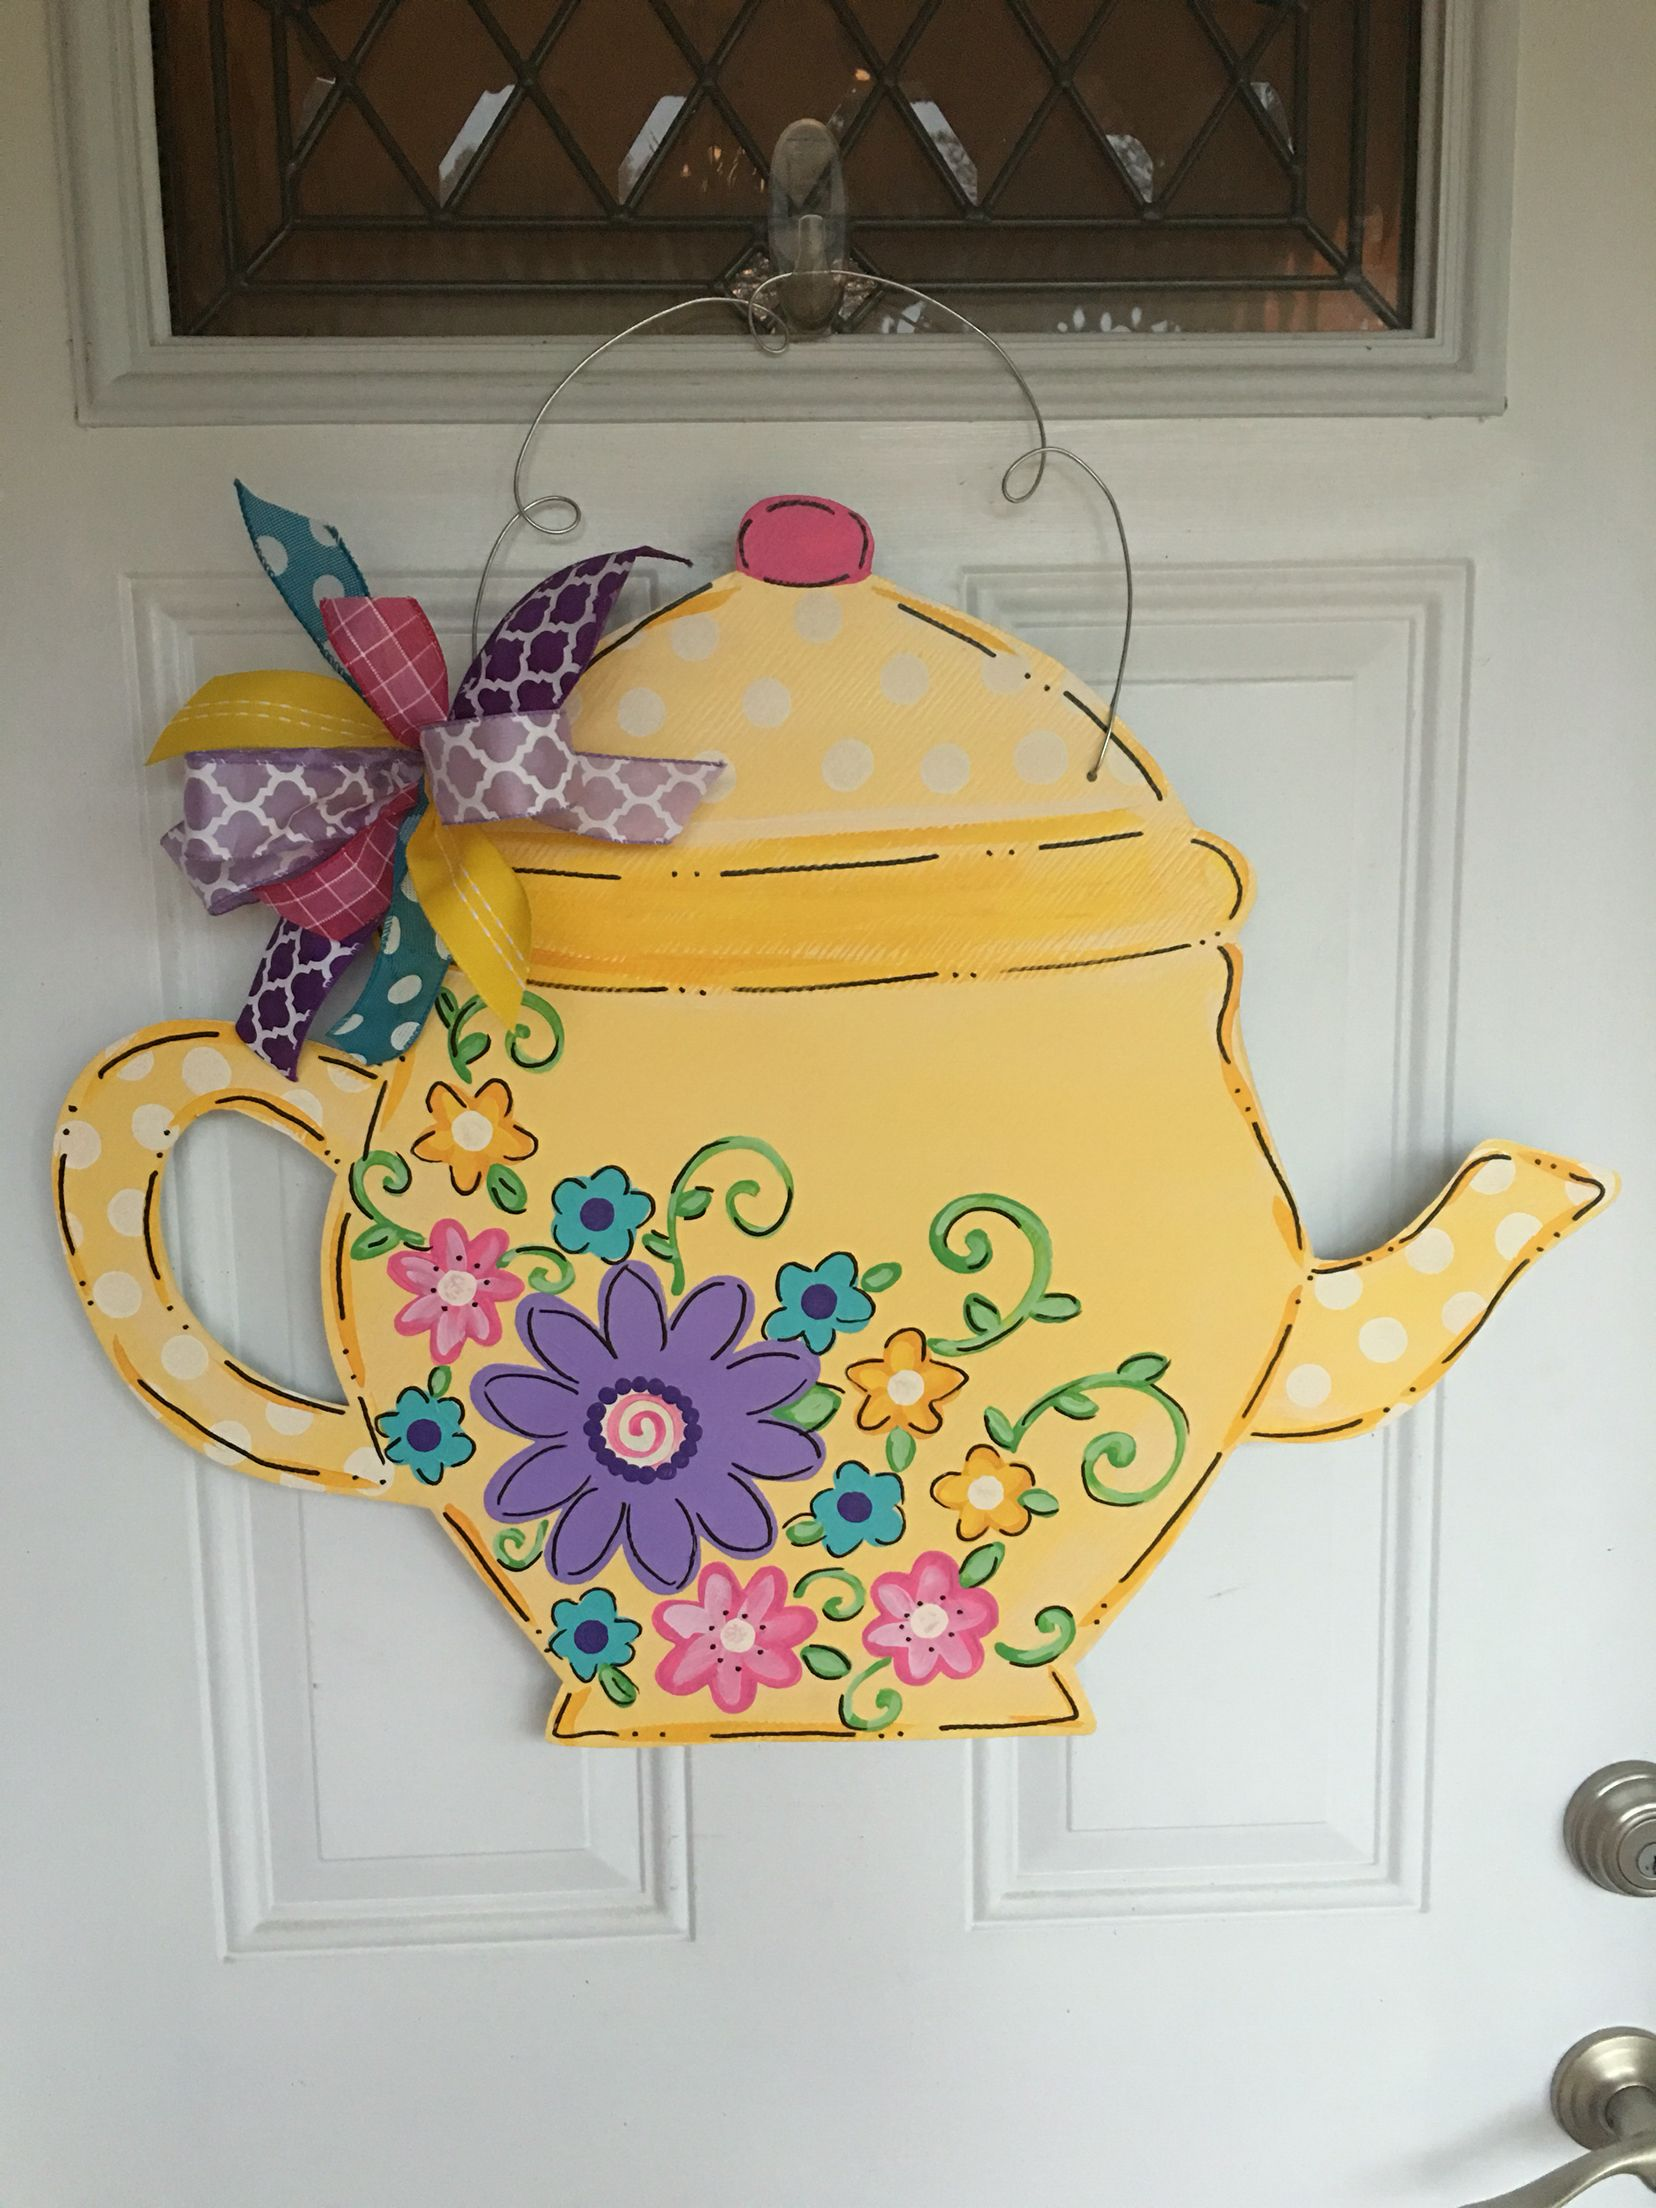 Teapot door hanger by LilyPad Designs   For the door   Pinterest ...